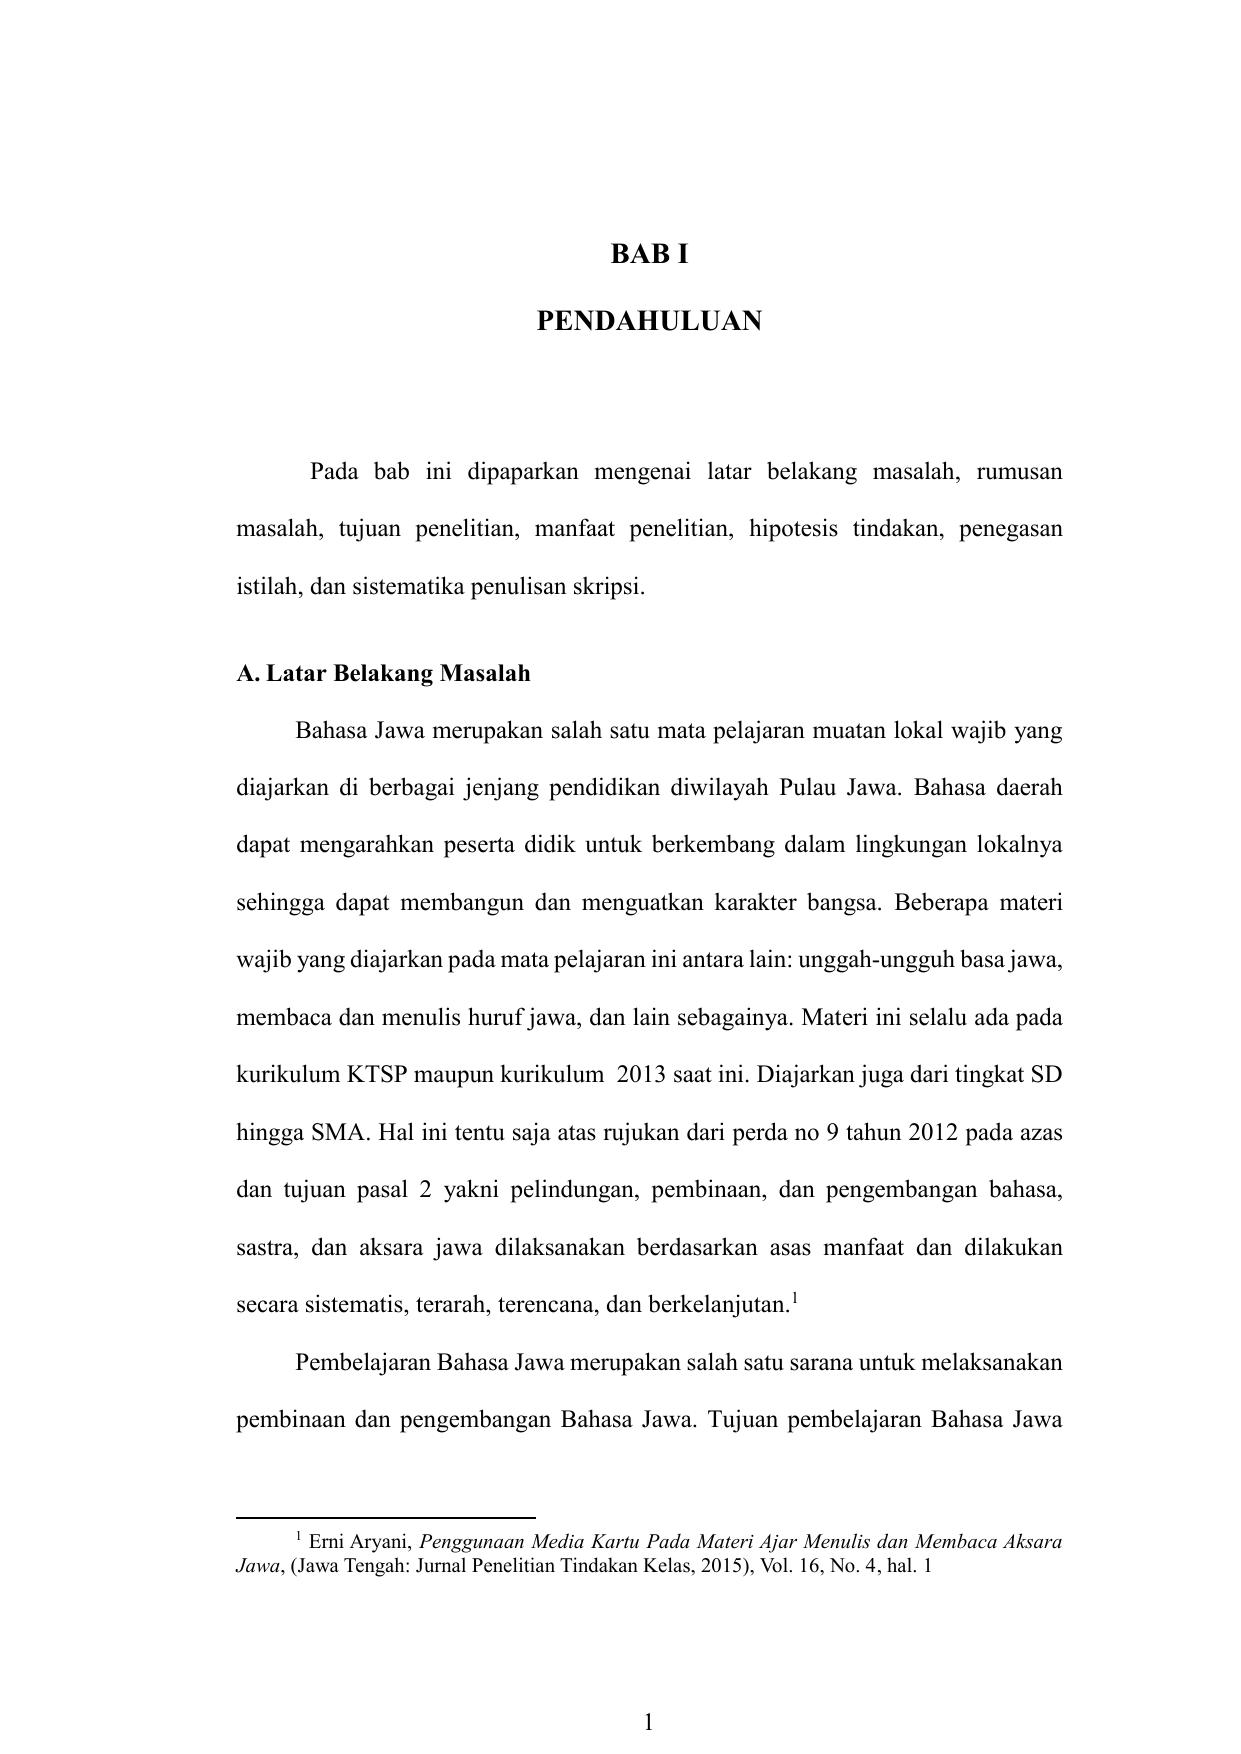 tujuan penelitian manfaat penelitian hipotesis tindakan penegasan istilah dan sistematika penulisan skripsi A Latar Belakang Masalah Bahasa Jawa